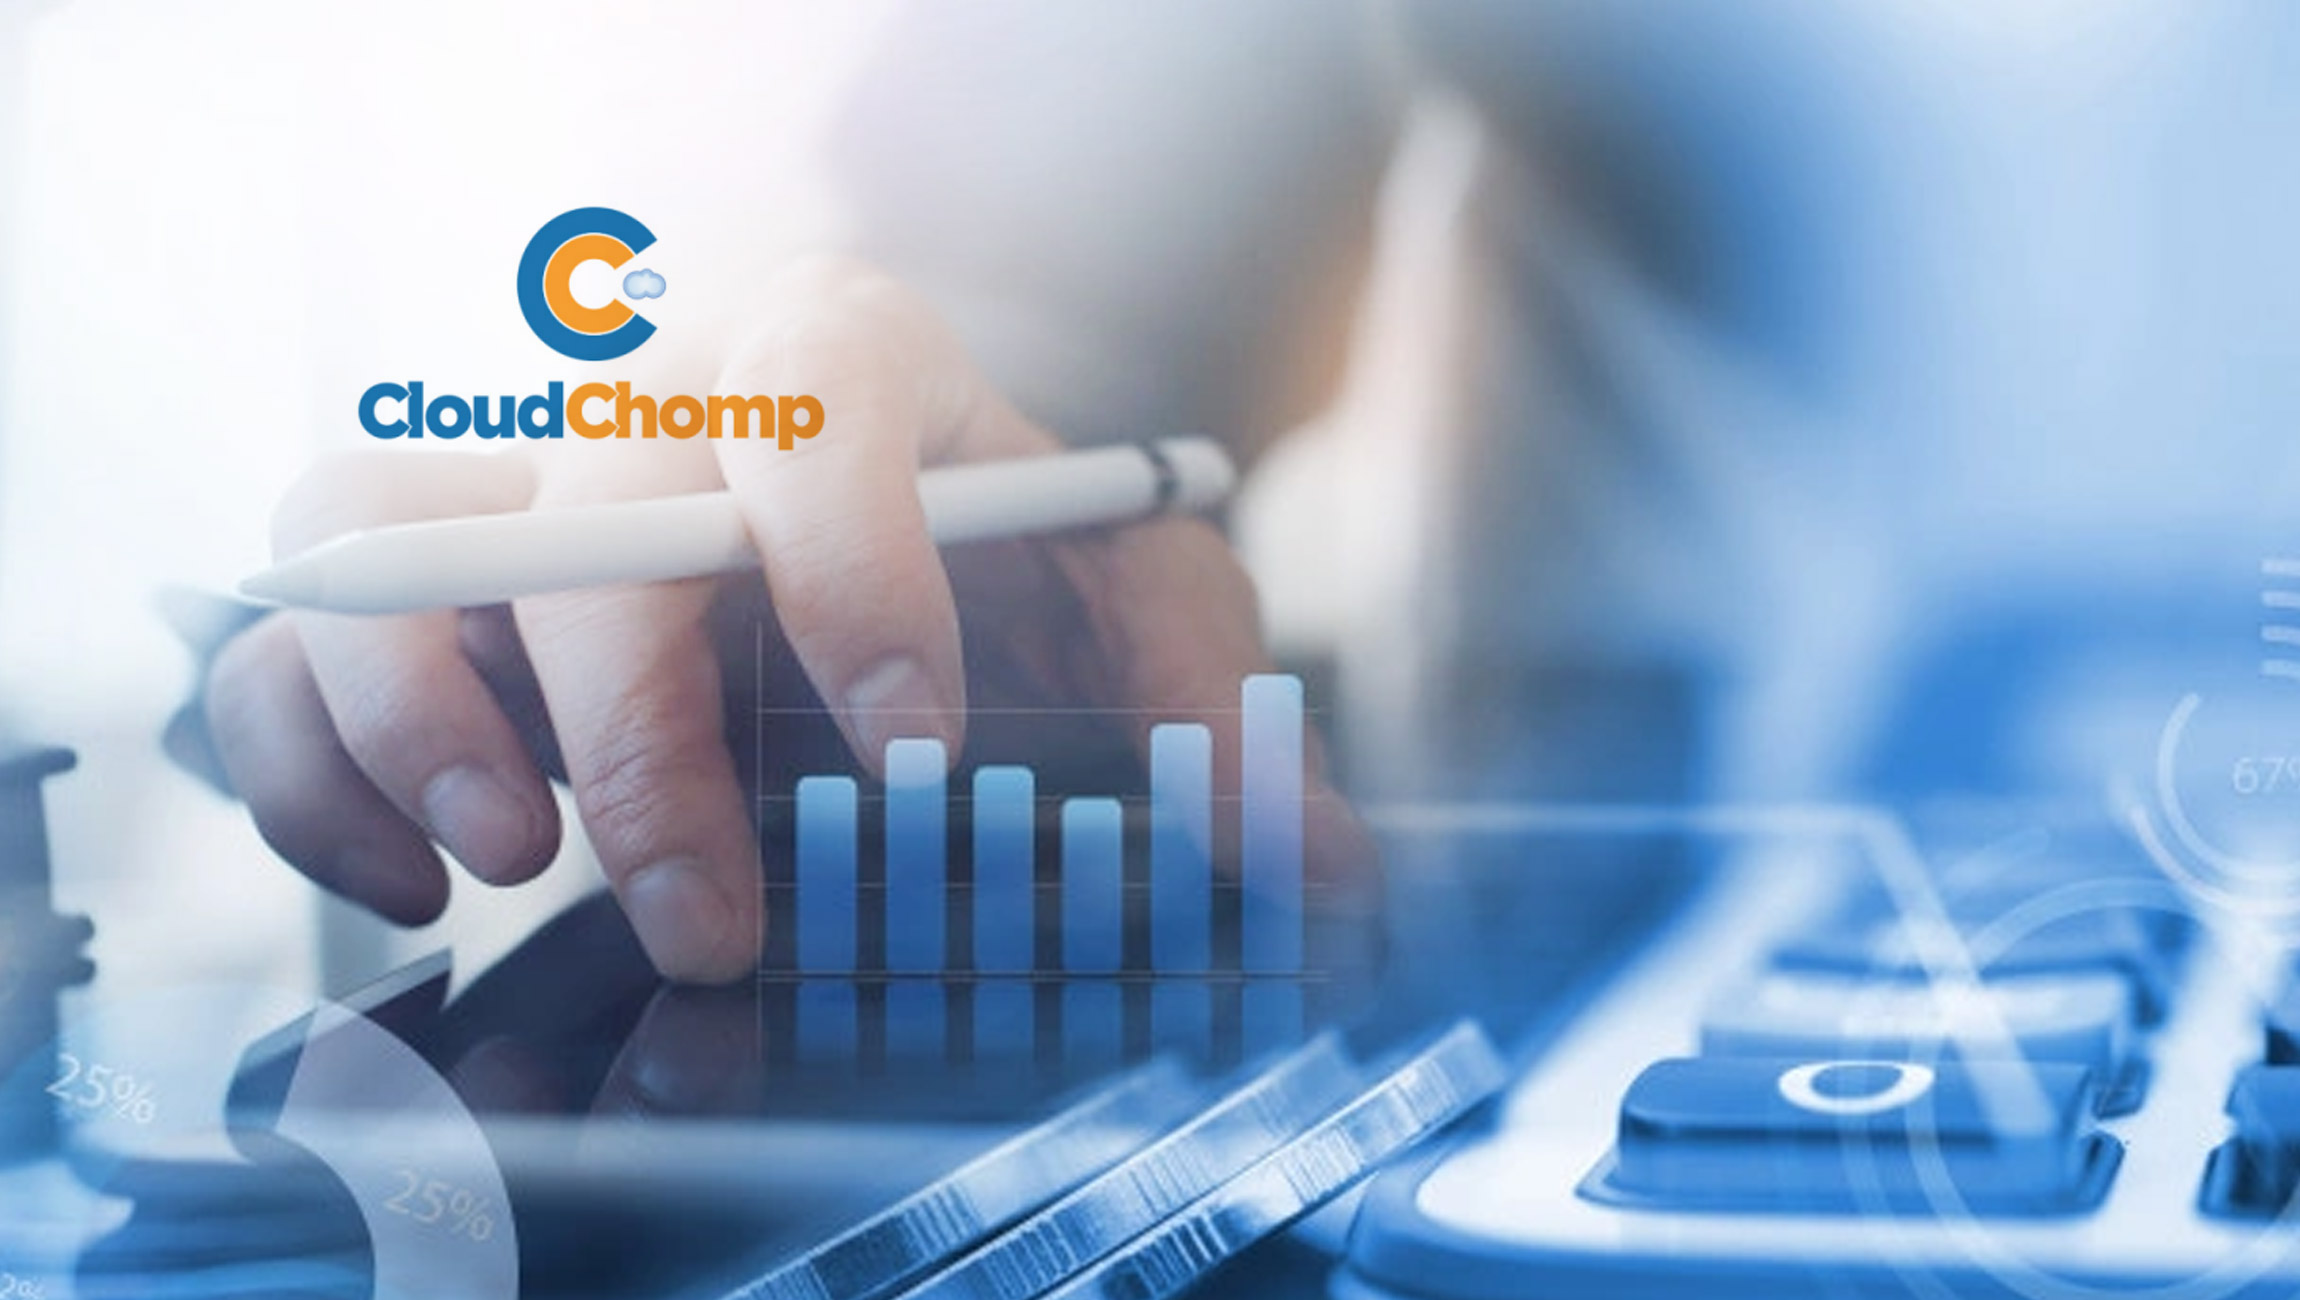 CloudChomp Announces the C3 Partner Licensing Program to Turbocharge Cloud Migration Services Revenue